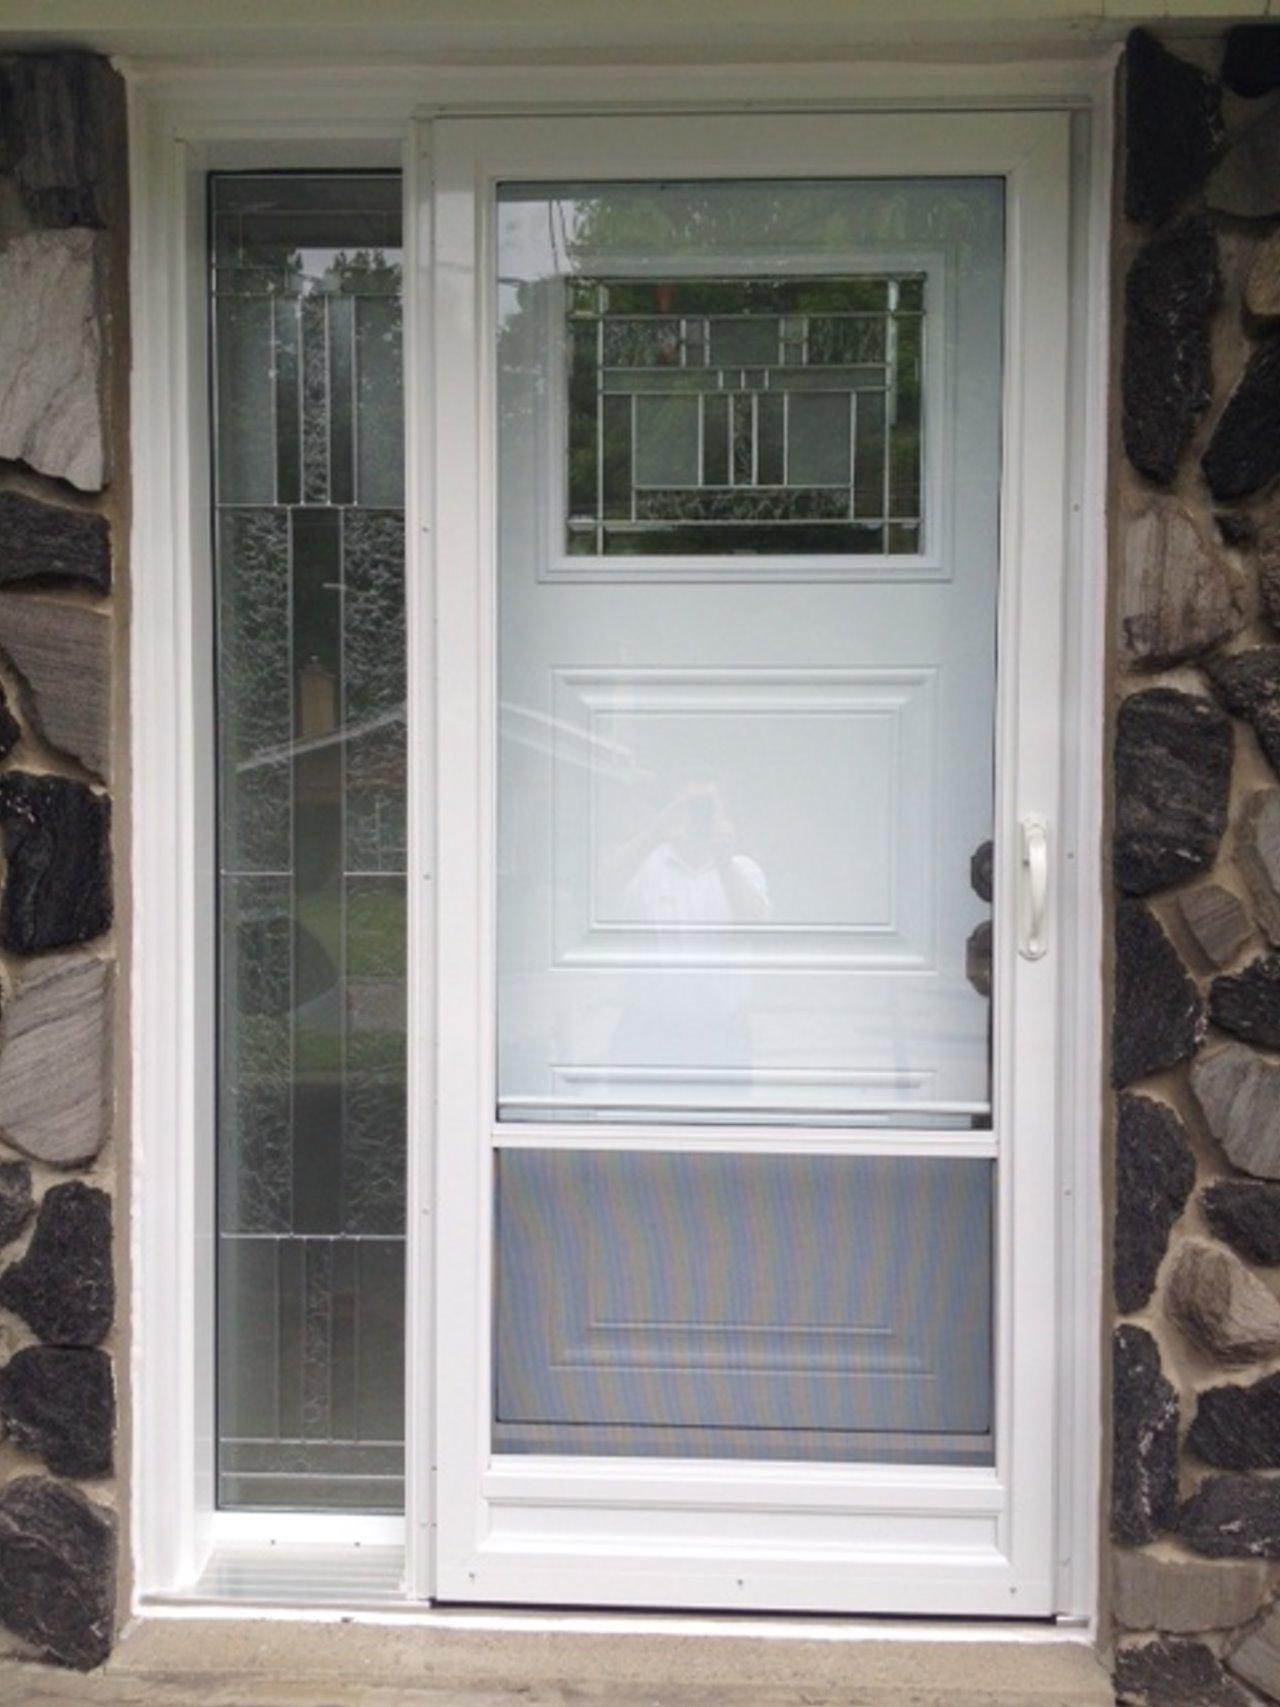 Storm Doors For Homes : Enclosures storm doors